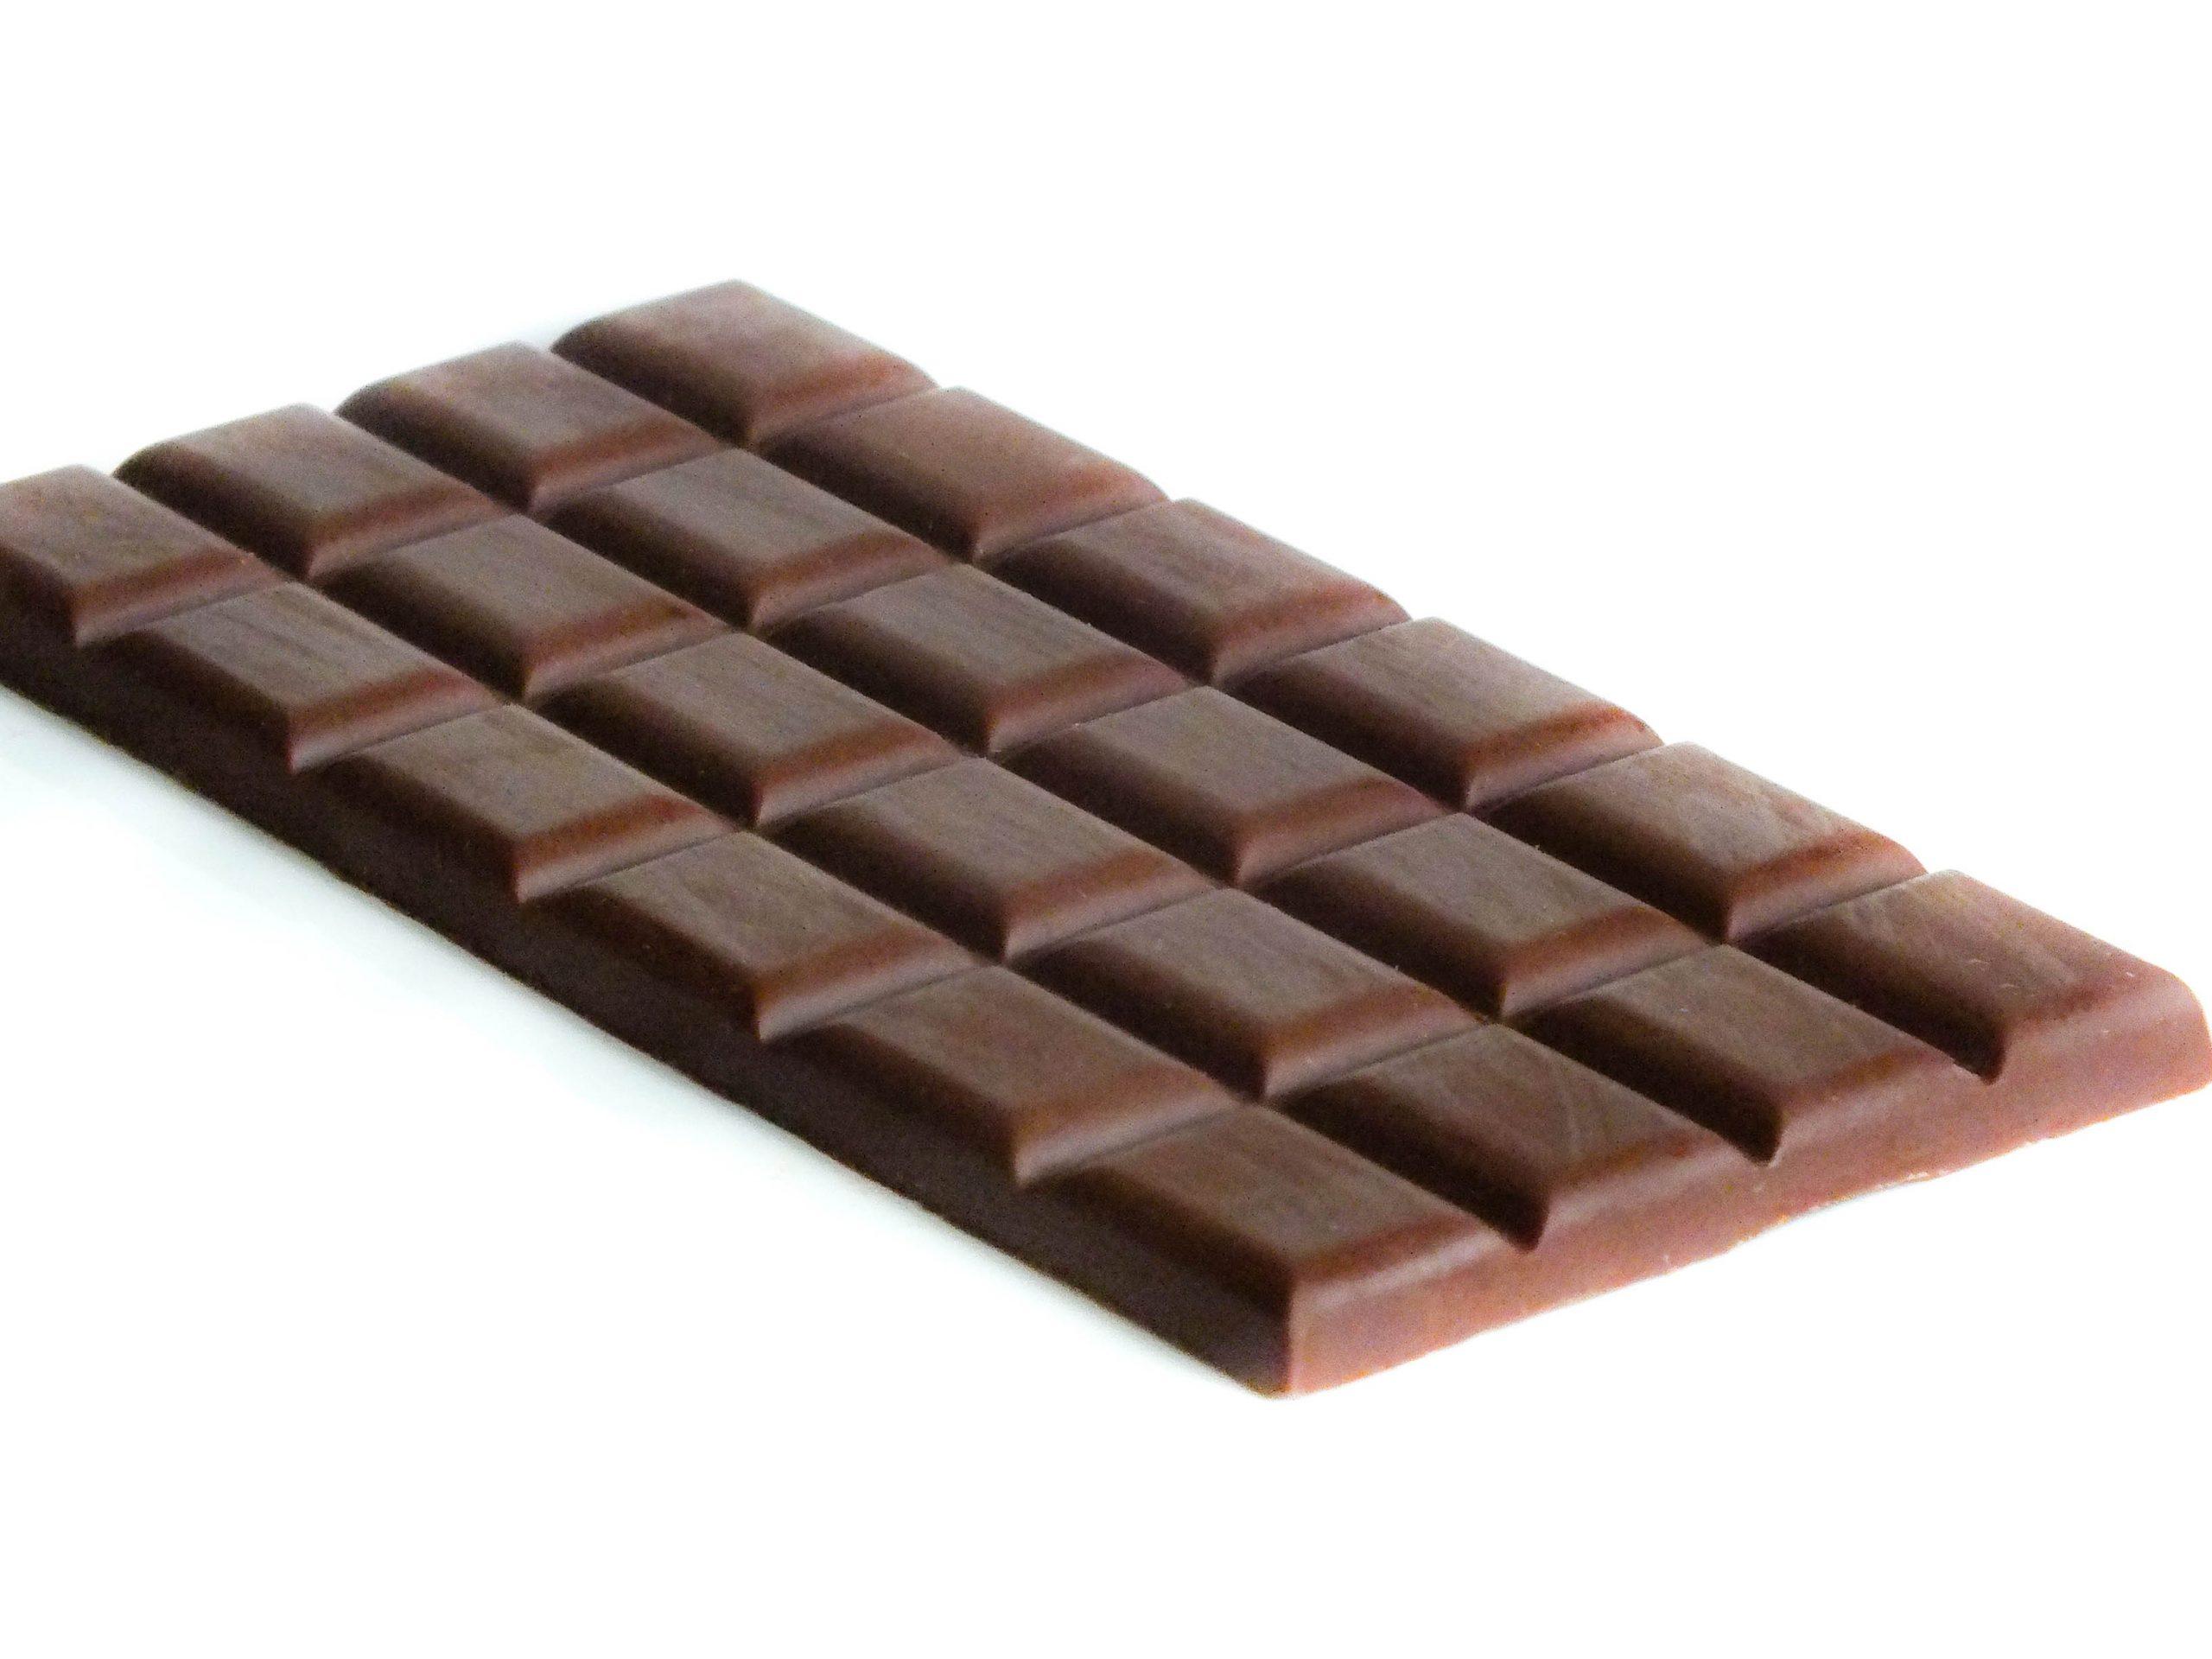 Coloriage Tablette De Chocolat Gratuit À Imprimer dedans Tablette Chocolat Dessin